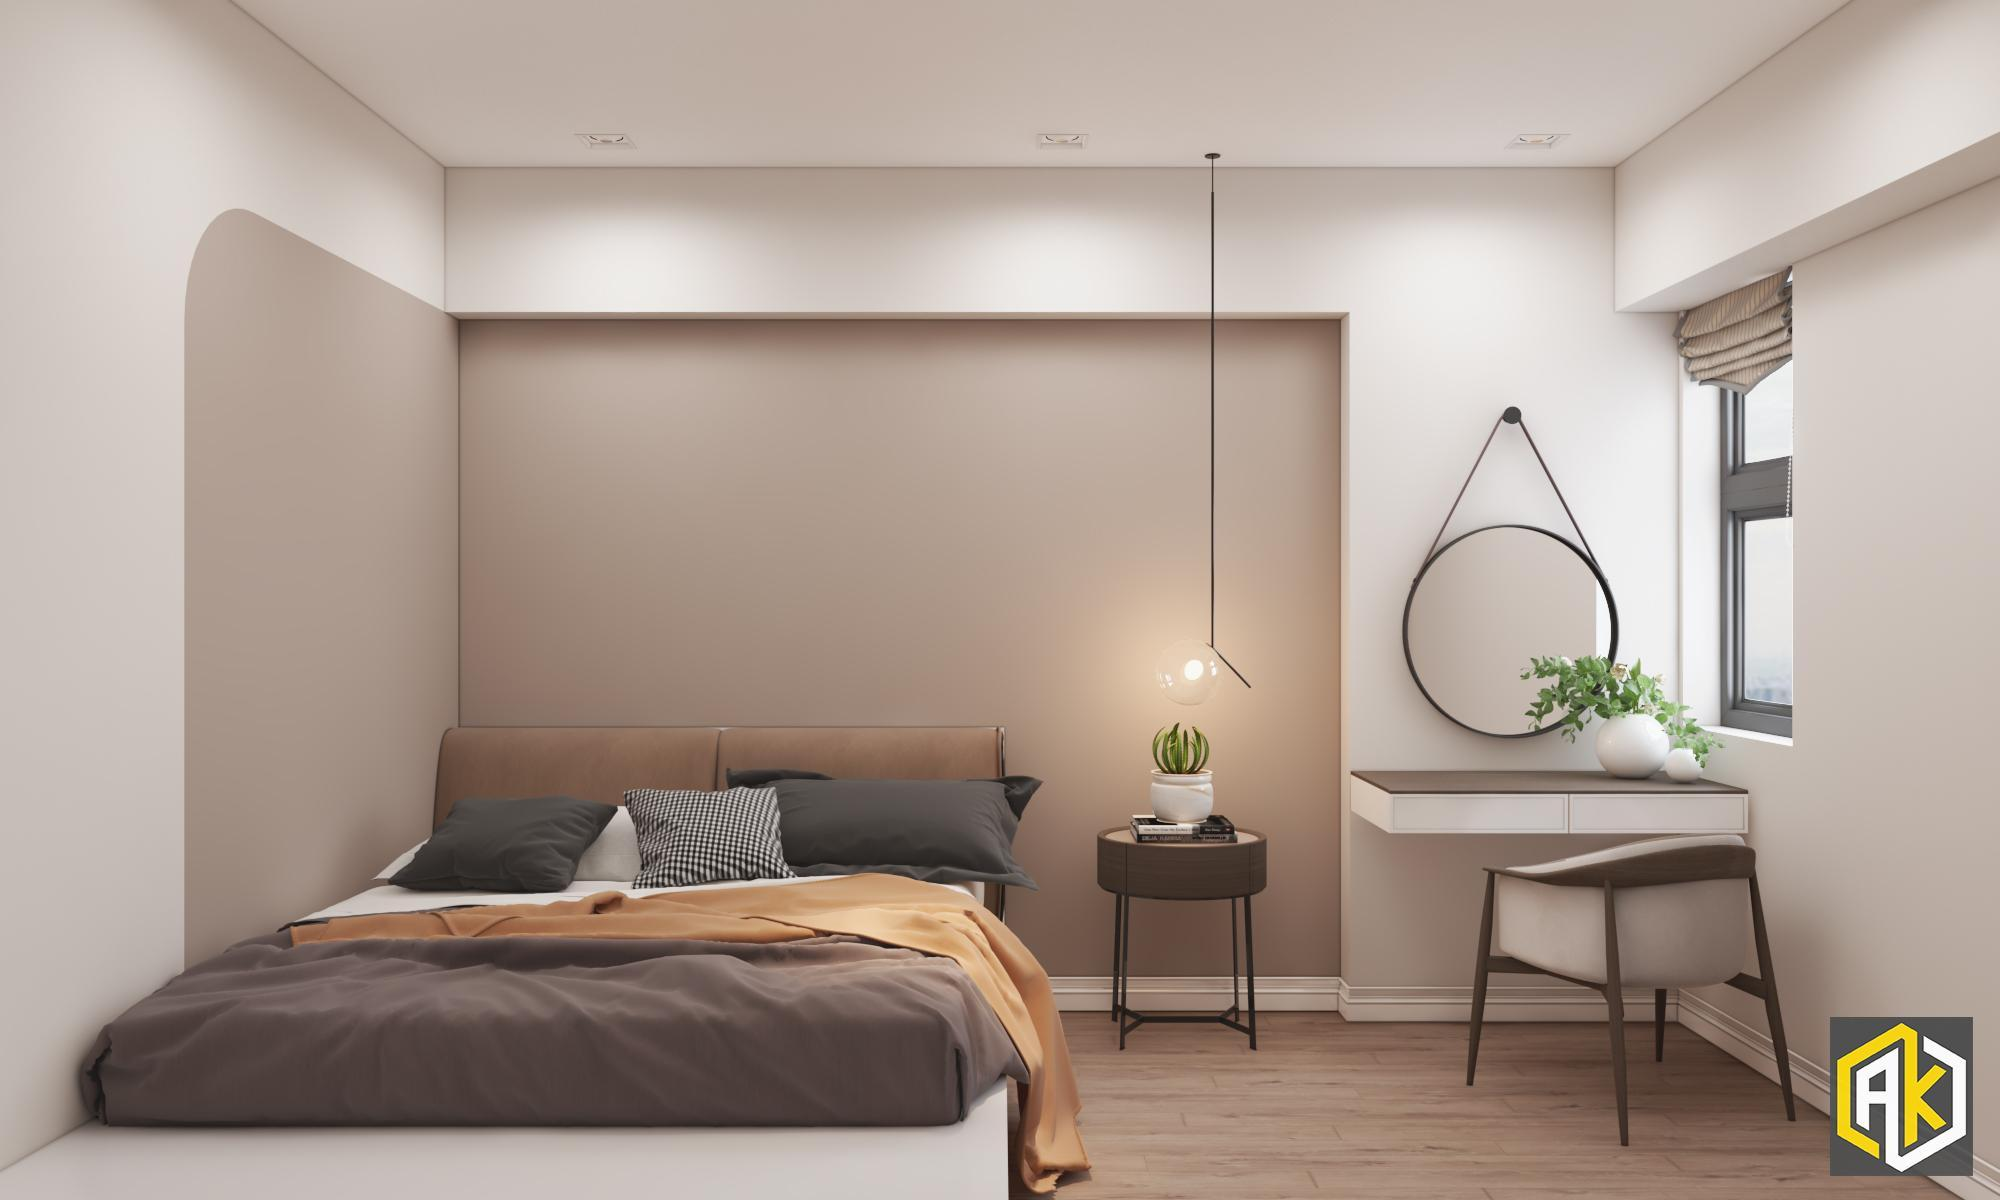 Thiết kế nội thất căn hộ chung cư 60m2 (6)